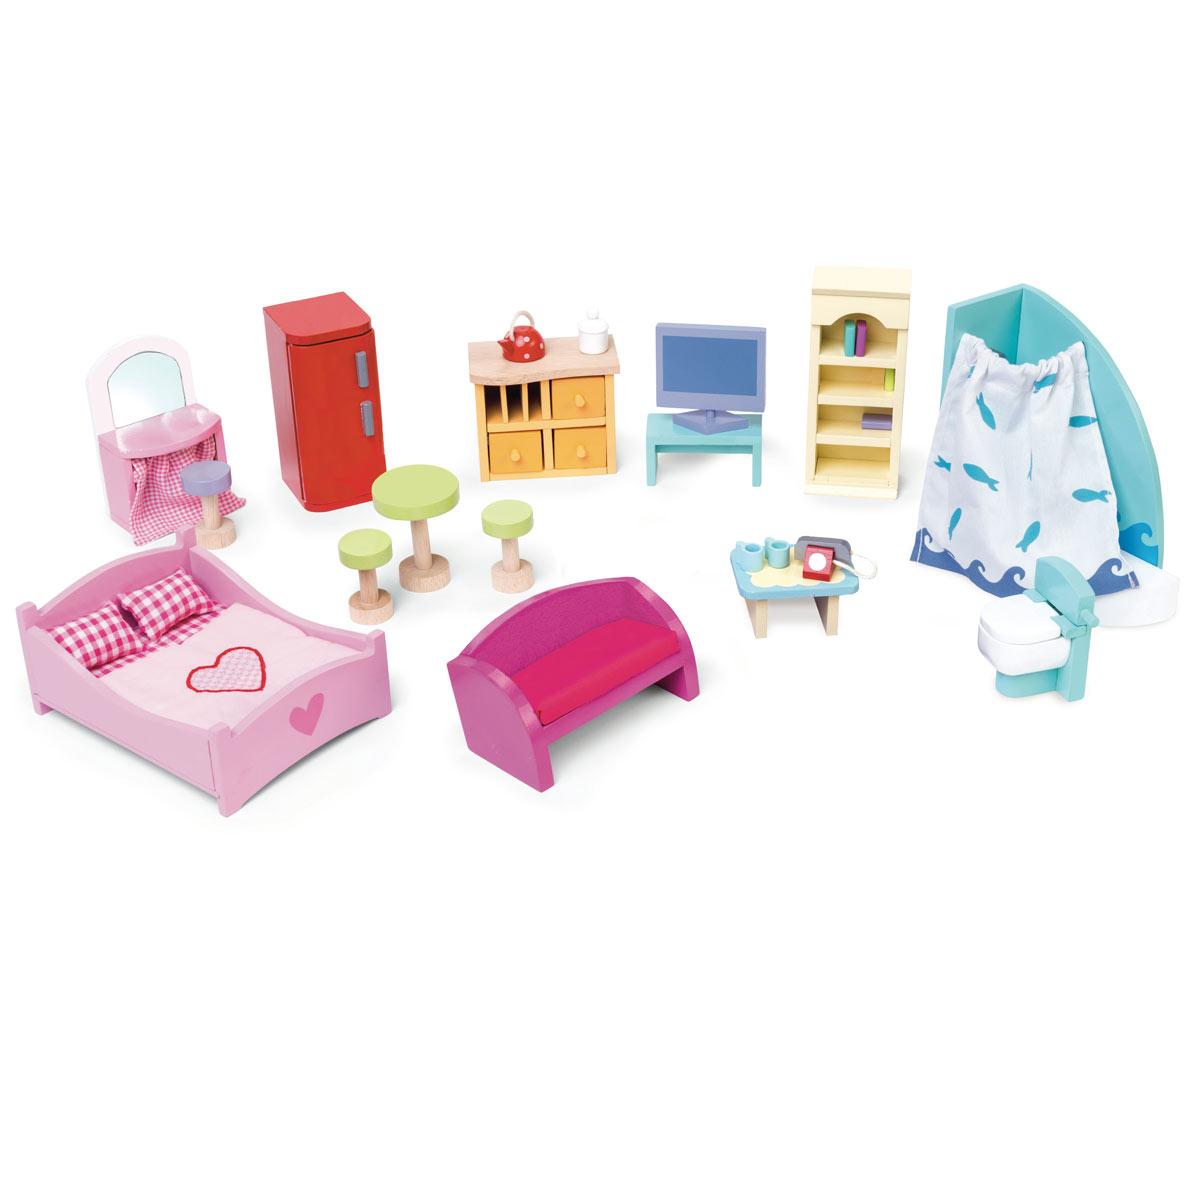 fe08b7633bf Le Toy Van Deluxe Starter meubelset - ME039 - Pirum